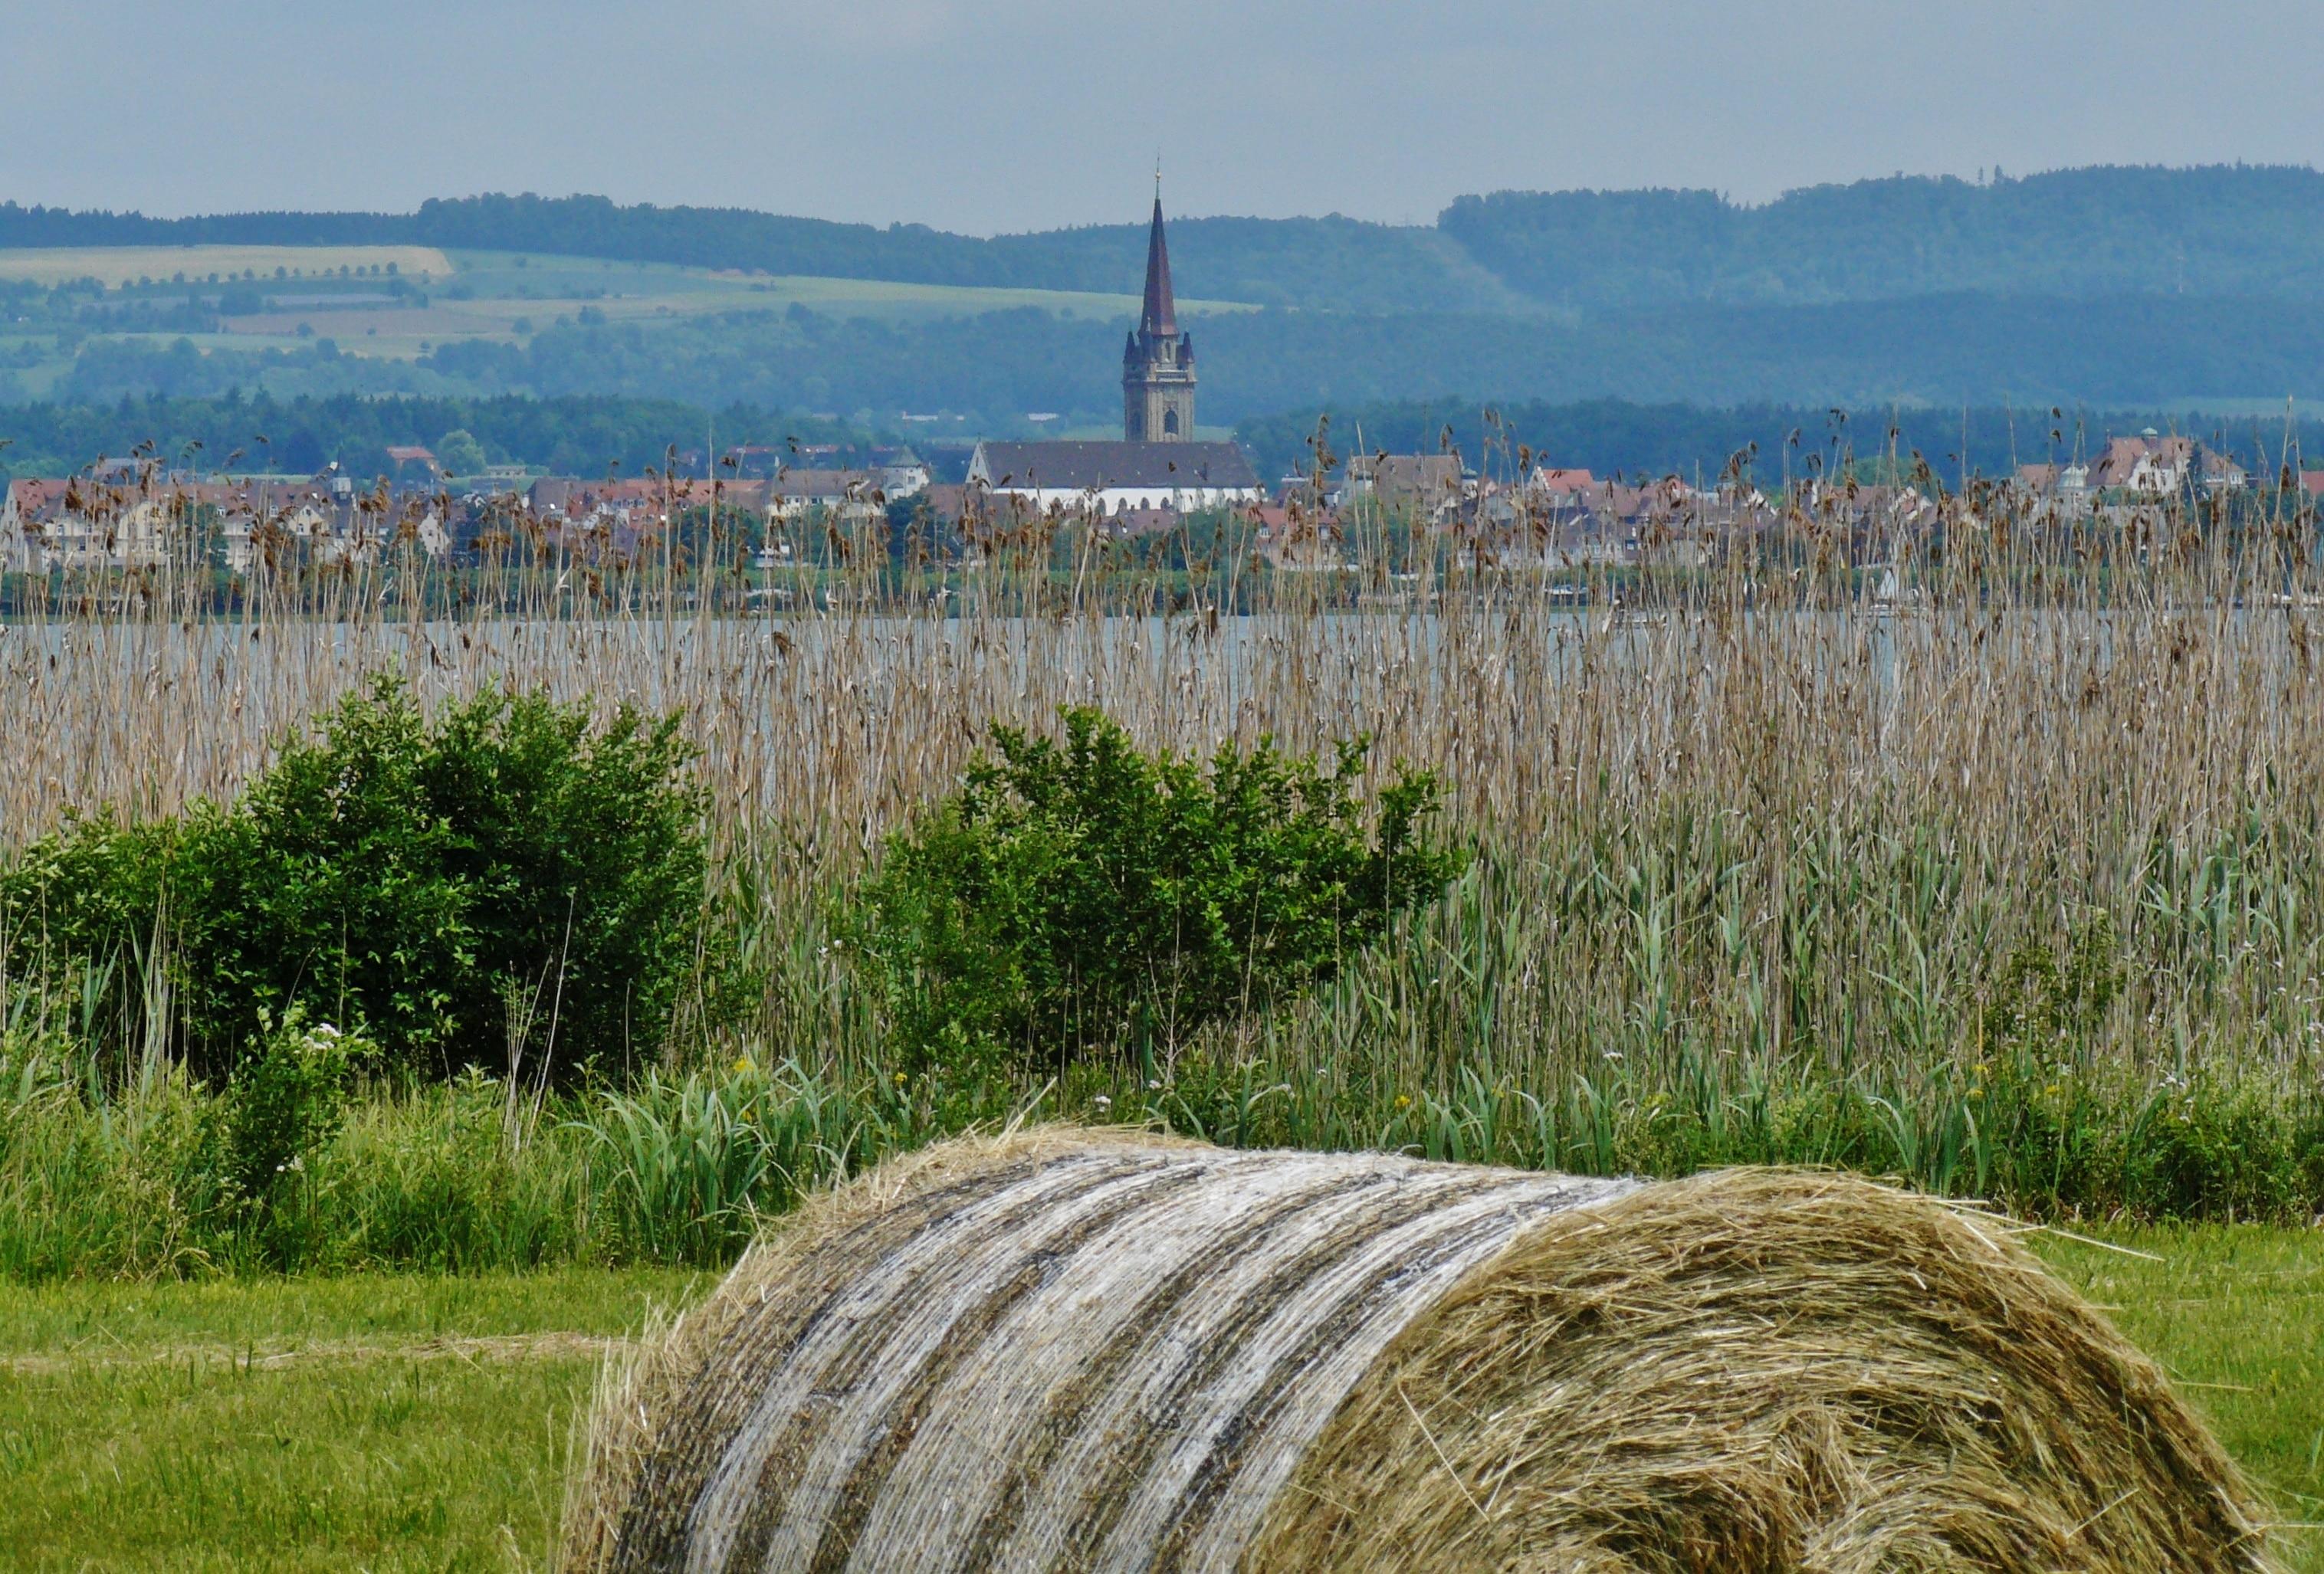 Moos, Baden-Württemb